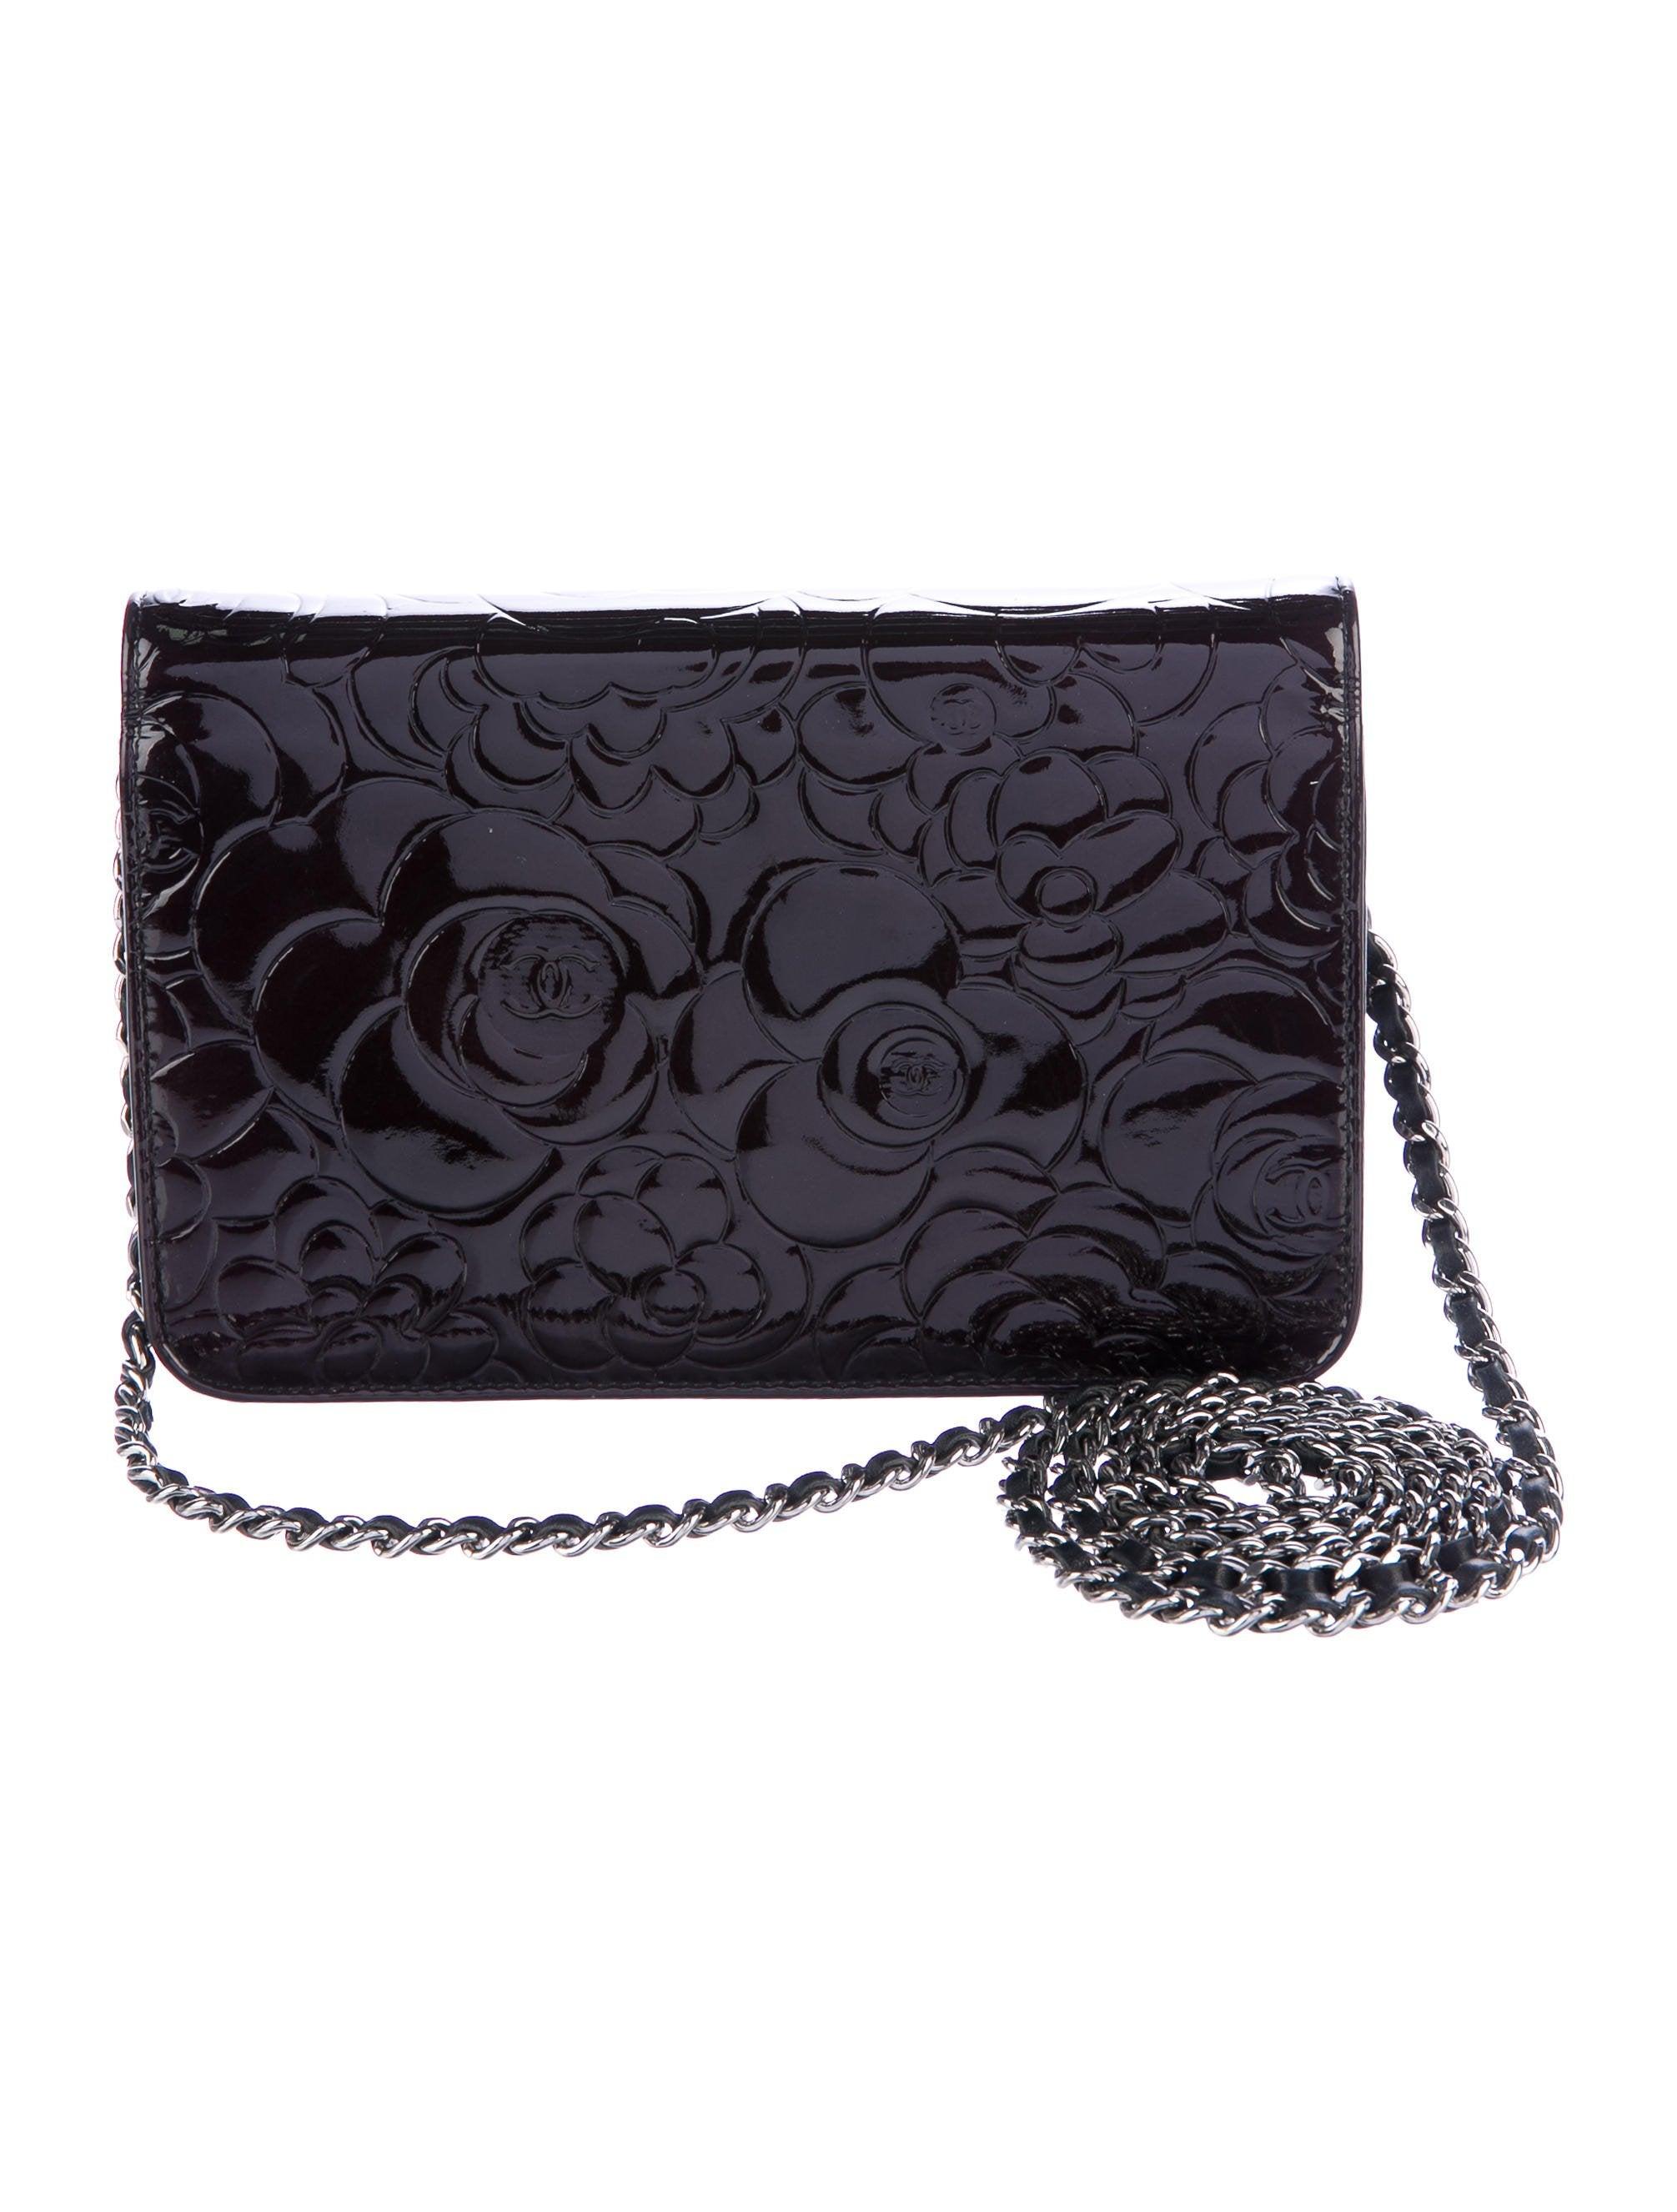 77b266b2ebbb Chanel Camellia Wallet On Chain - Handbags - CHA201021 .